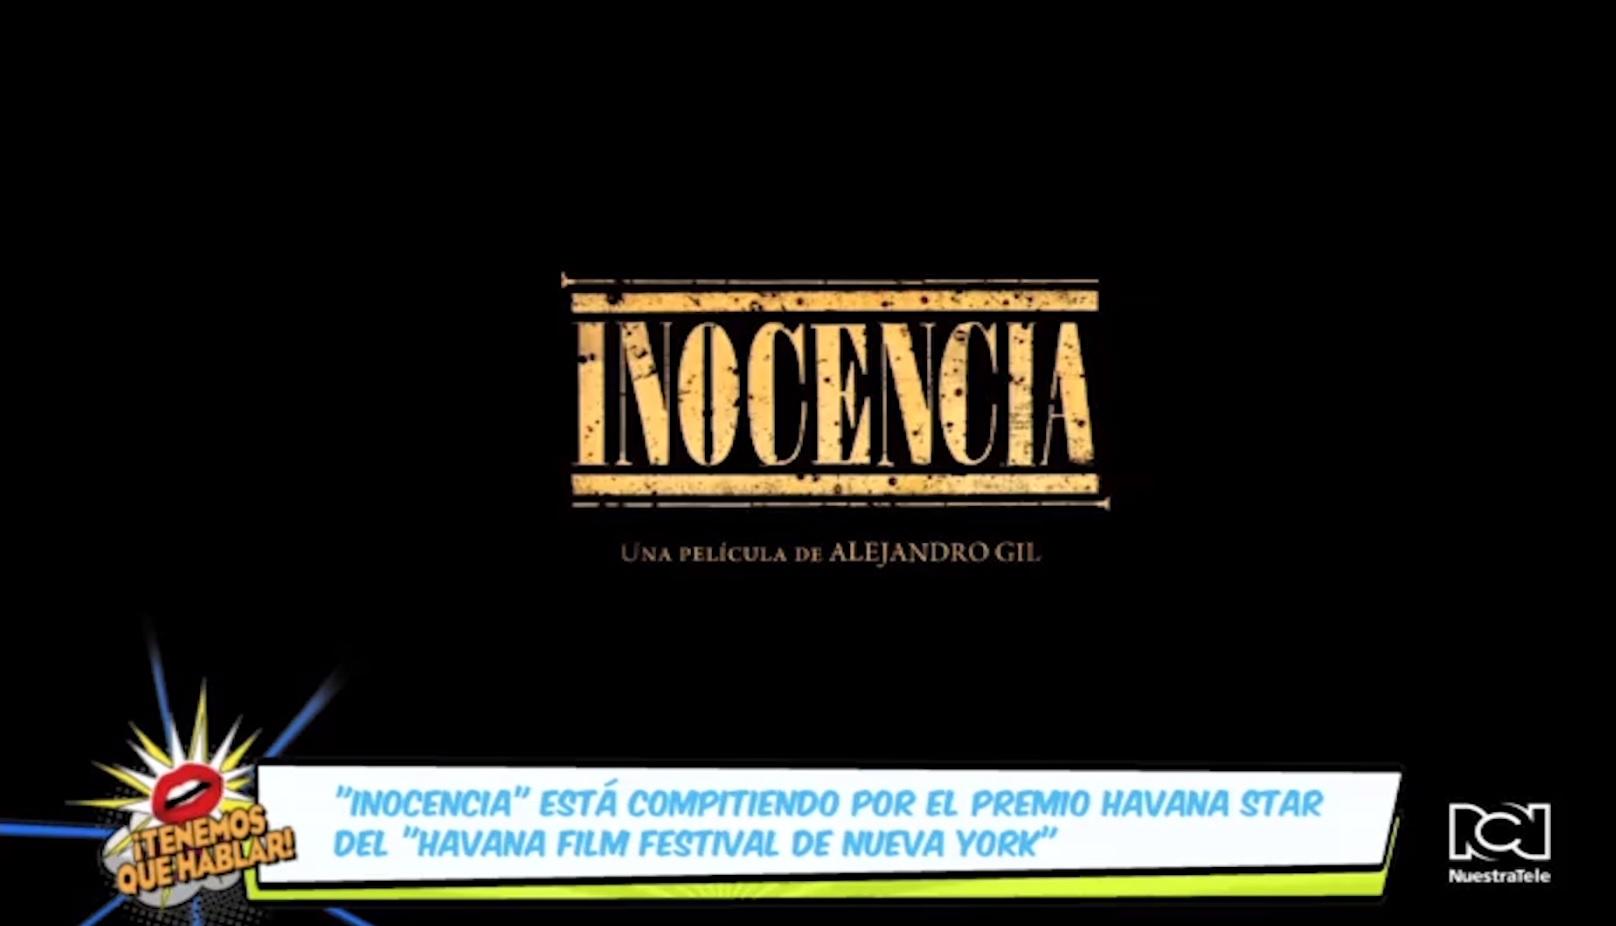 largometraje-de-alejandro-gil-alvares-inocencia-en-el-havana-film-festival-de-nueva-york.jpg